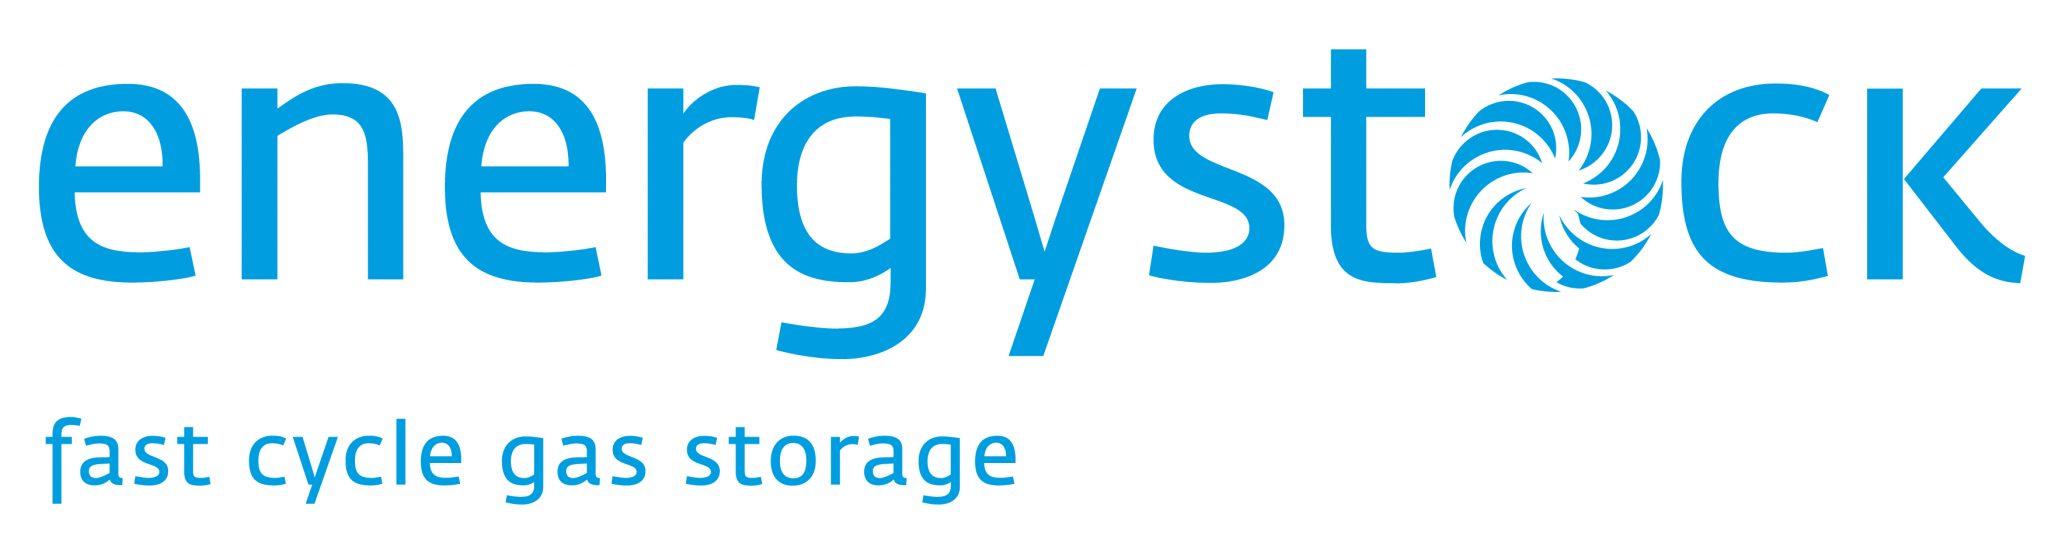 Energystock